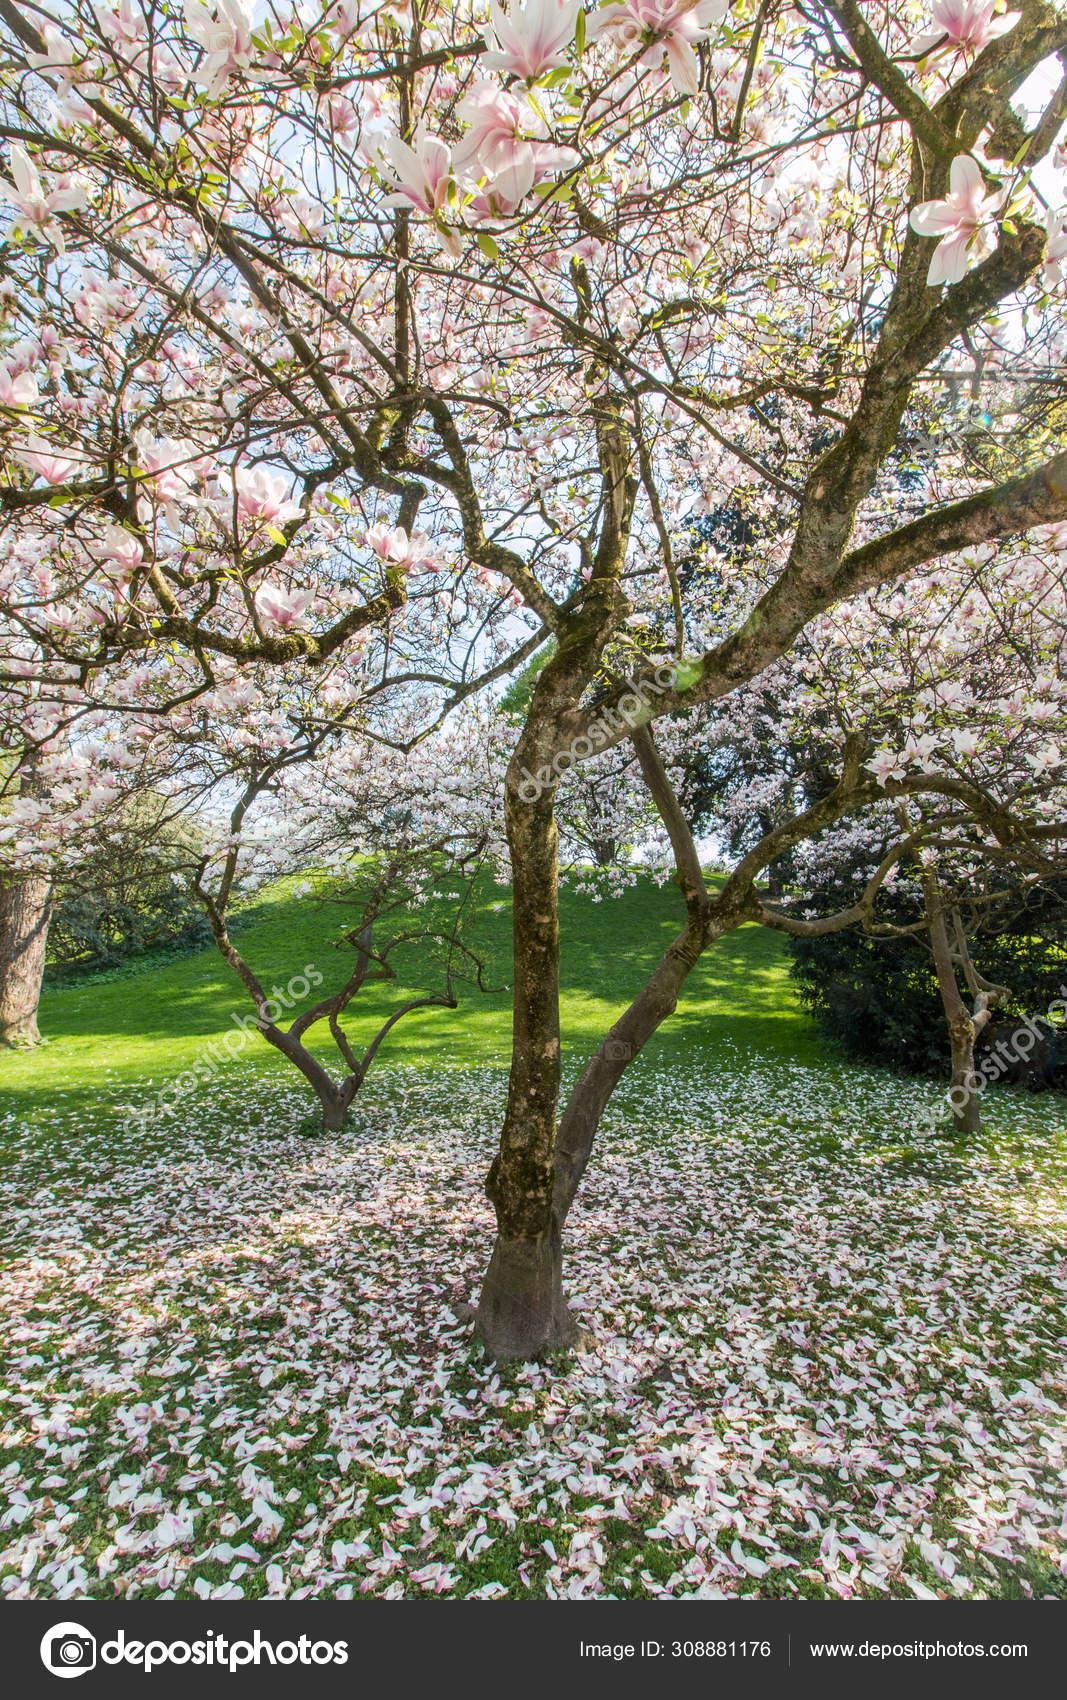 Arvore Magnolia Florescente Primavera Flores Bonitas Rosa Stock Photo C Patrick Daxenbichler 308881176